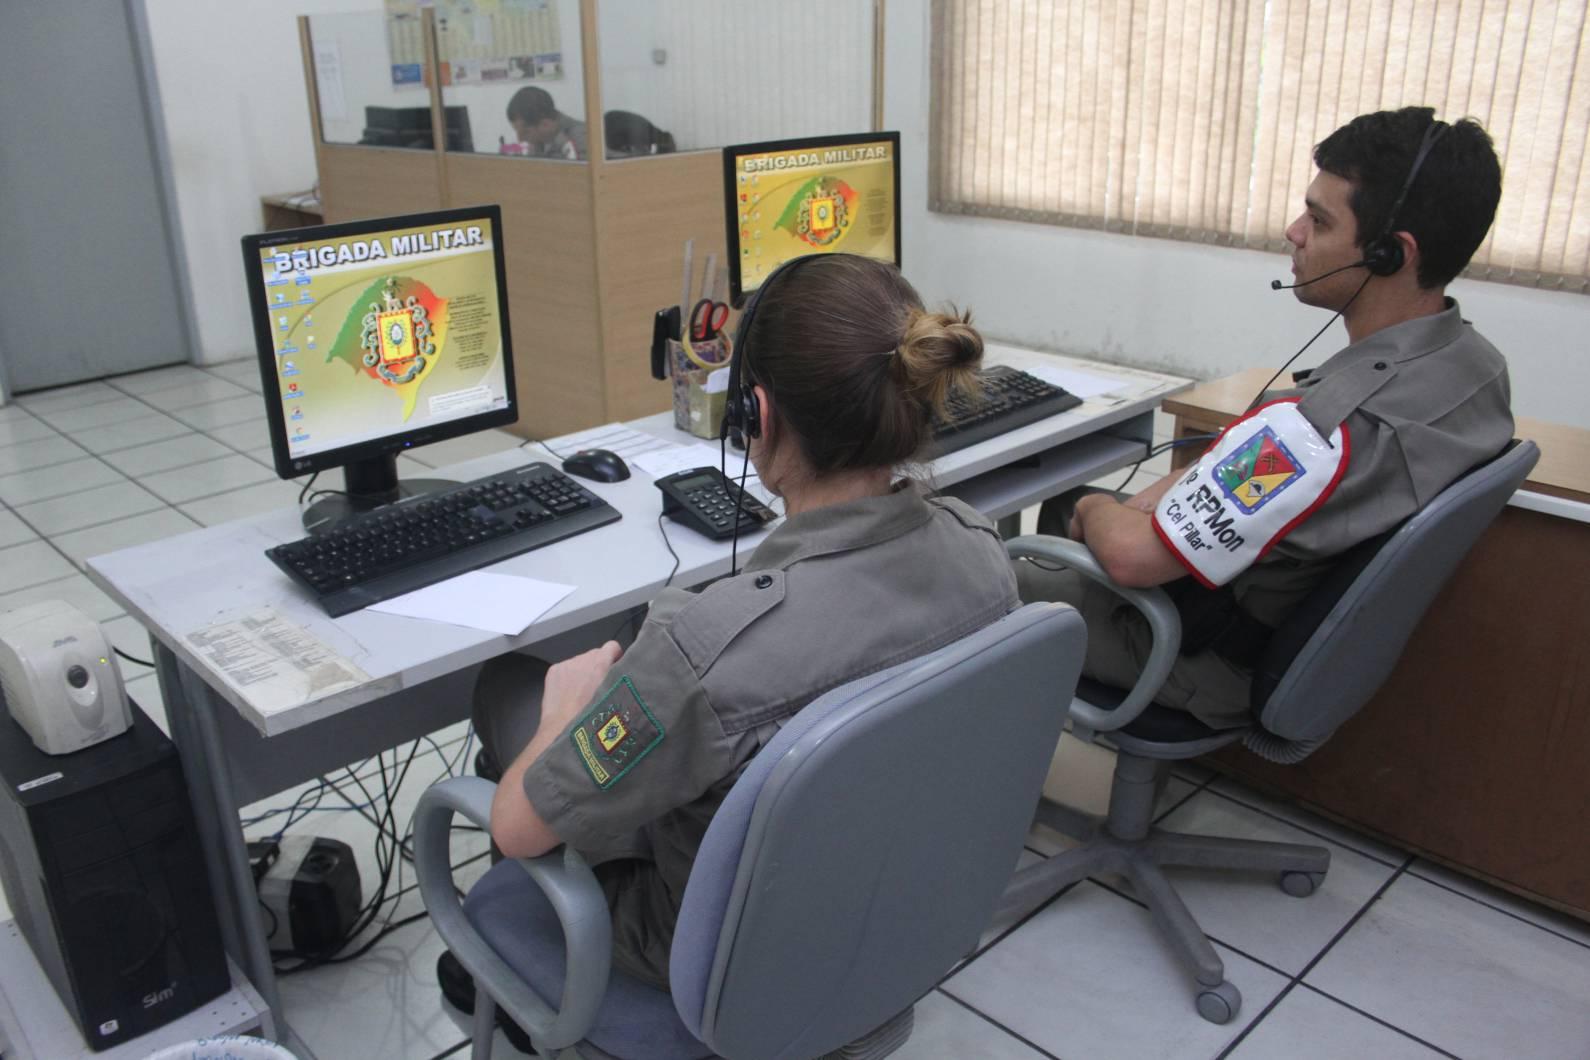 Soldado da Sala de Operações do 3° RPMon salva bebê engasgado via telefone 190